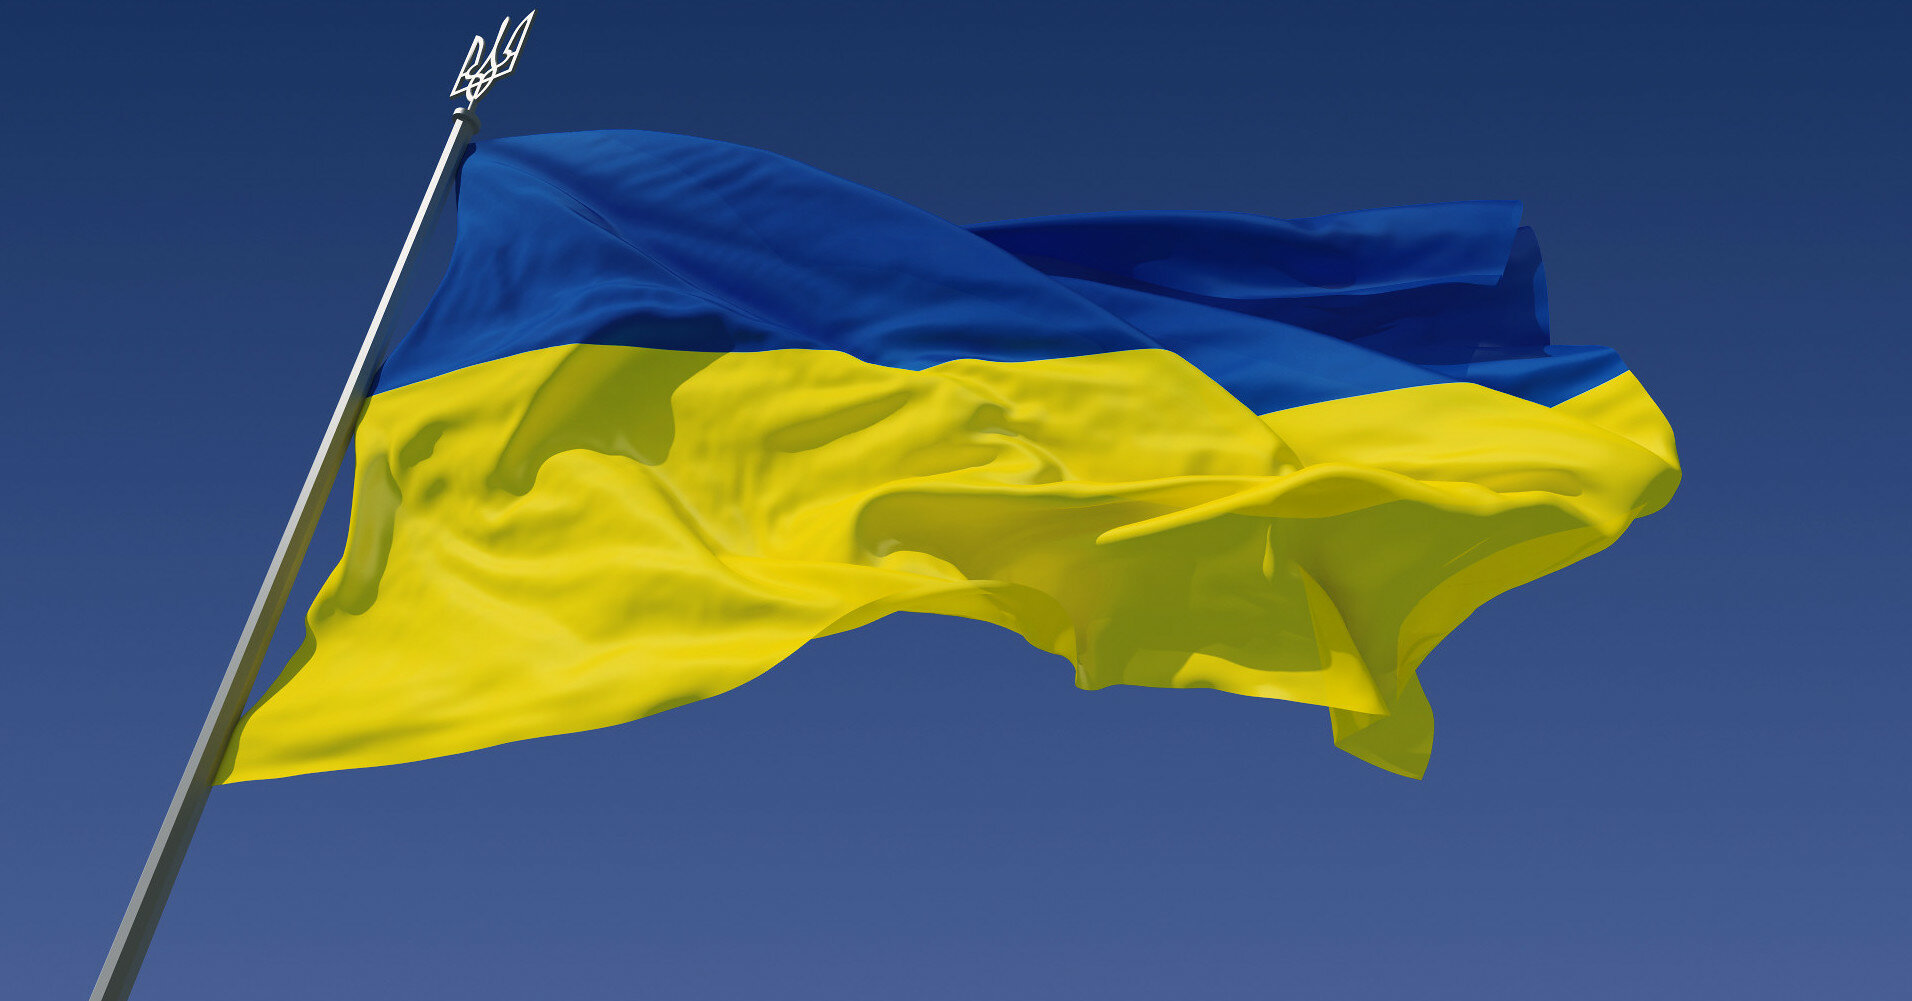 В Украине на самом большом флагштоке устанавливают новый трезубец